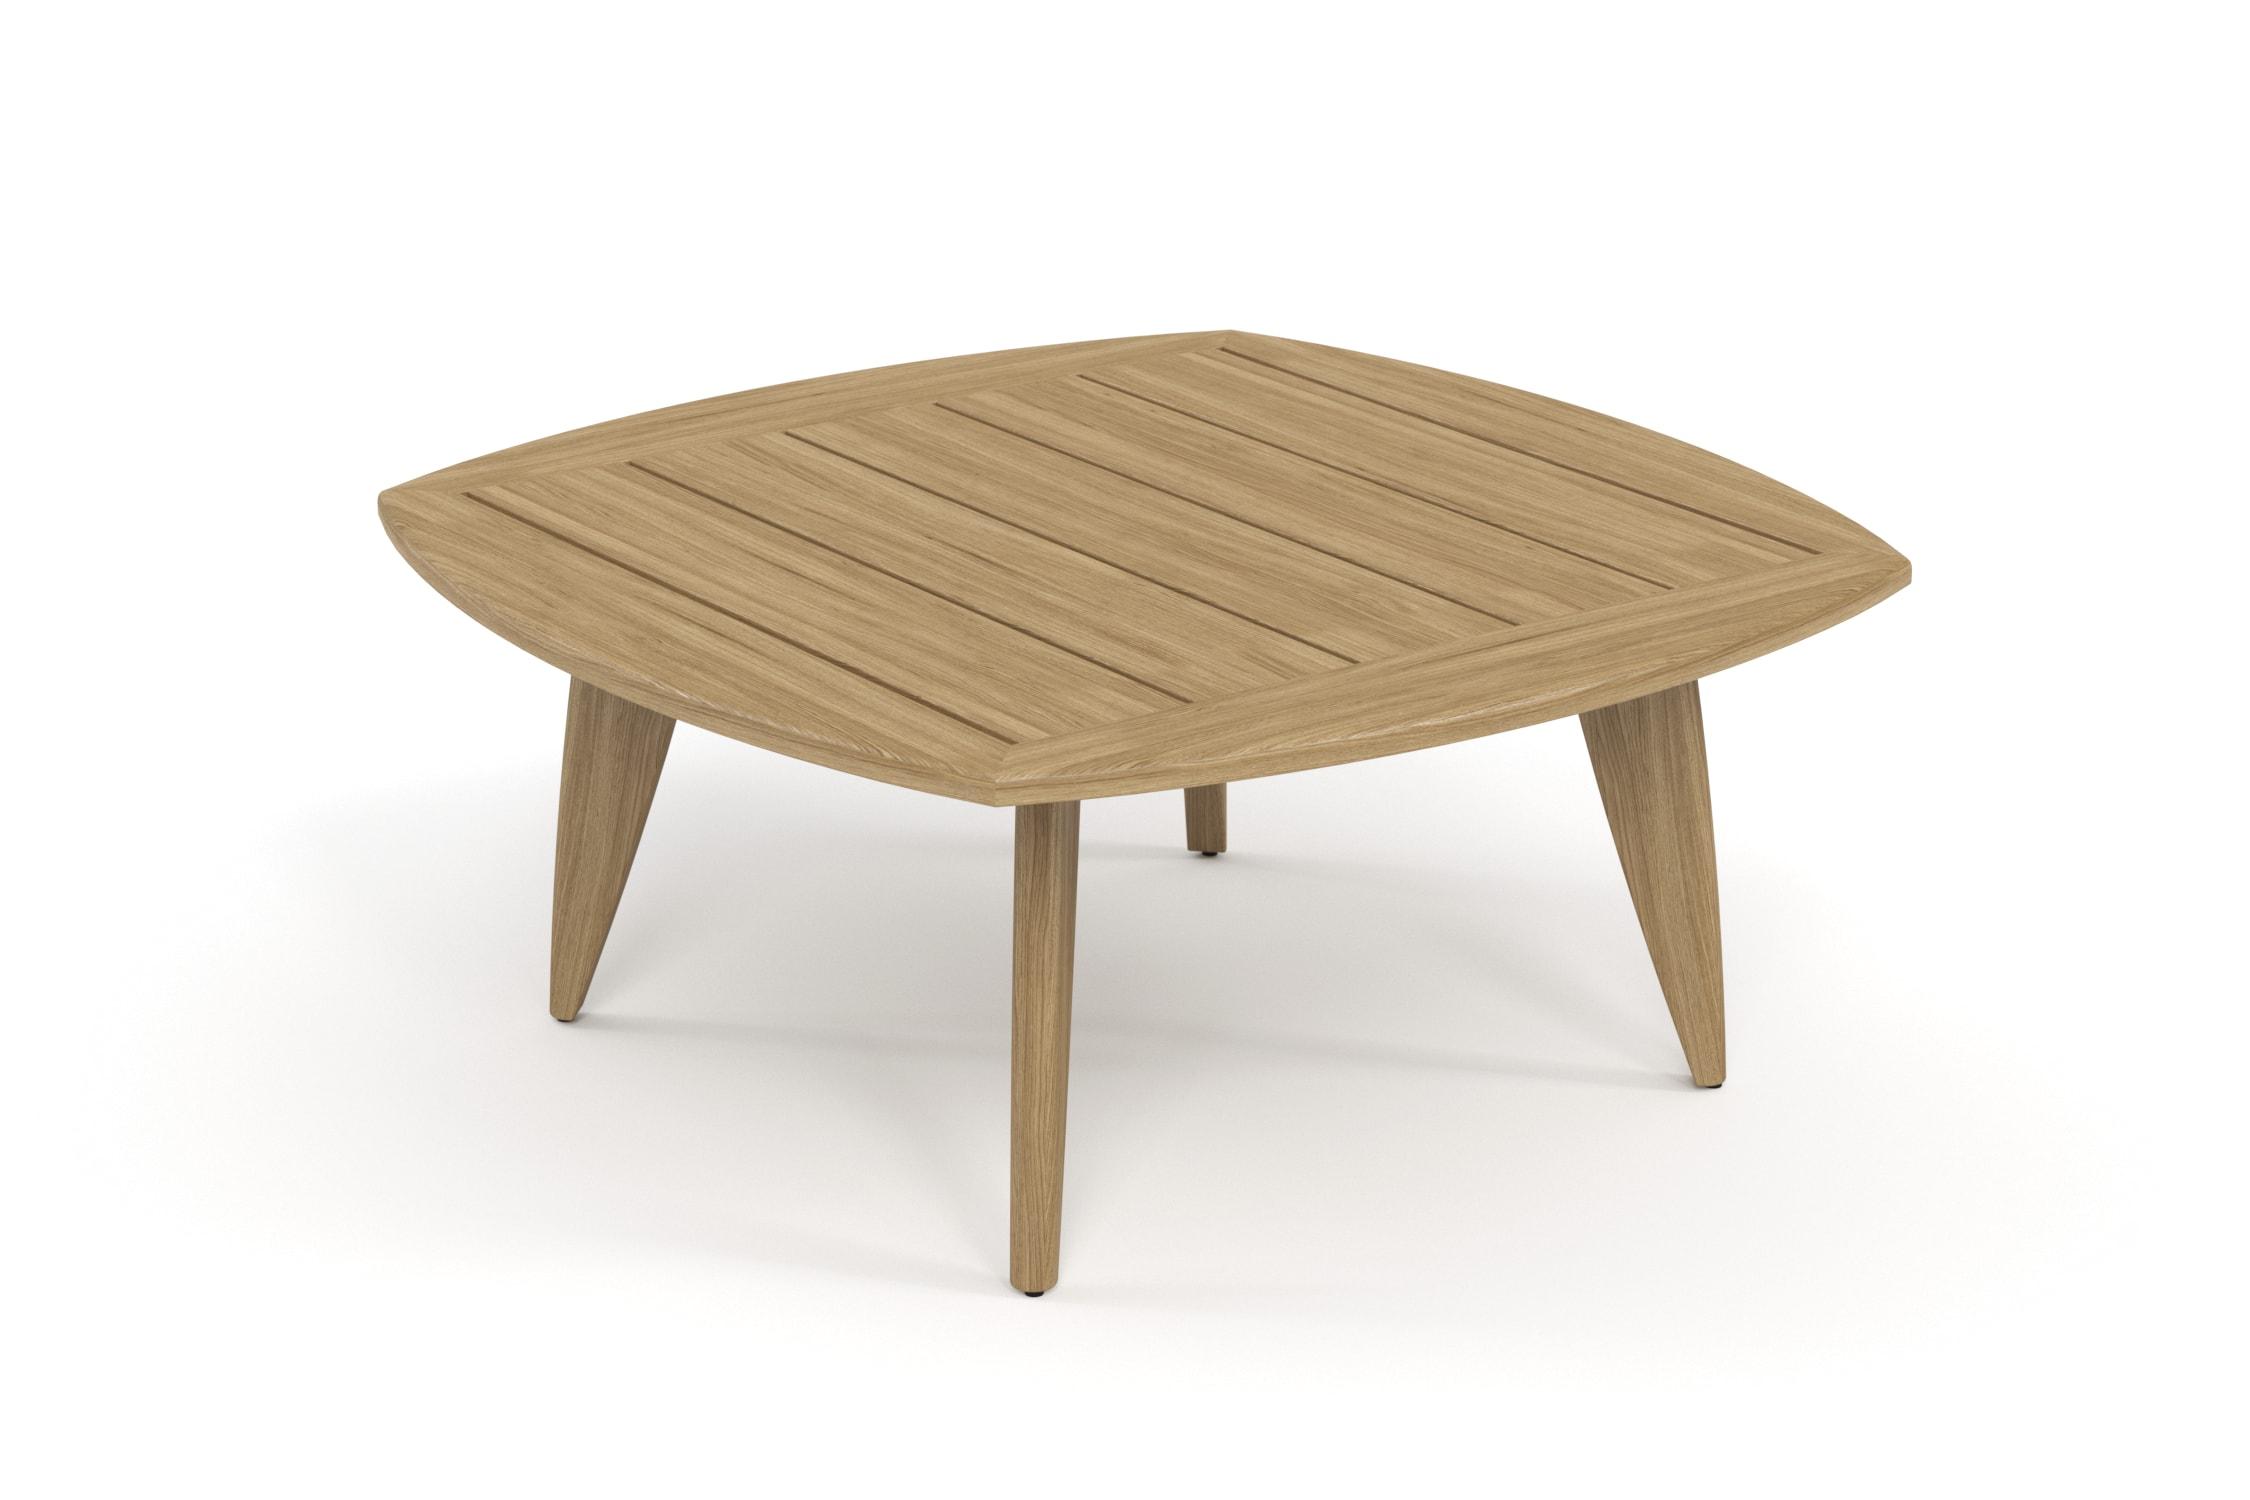 Стол журнальный ReefСтолы и столики для сада<br><br><br>Material: Ироко<br>Ширина см: 86.0<br>Высота см: 40.0<br>Глубина см: 86.0